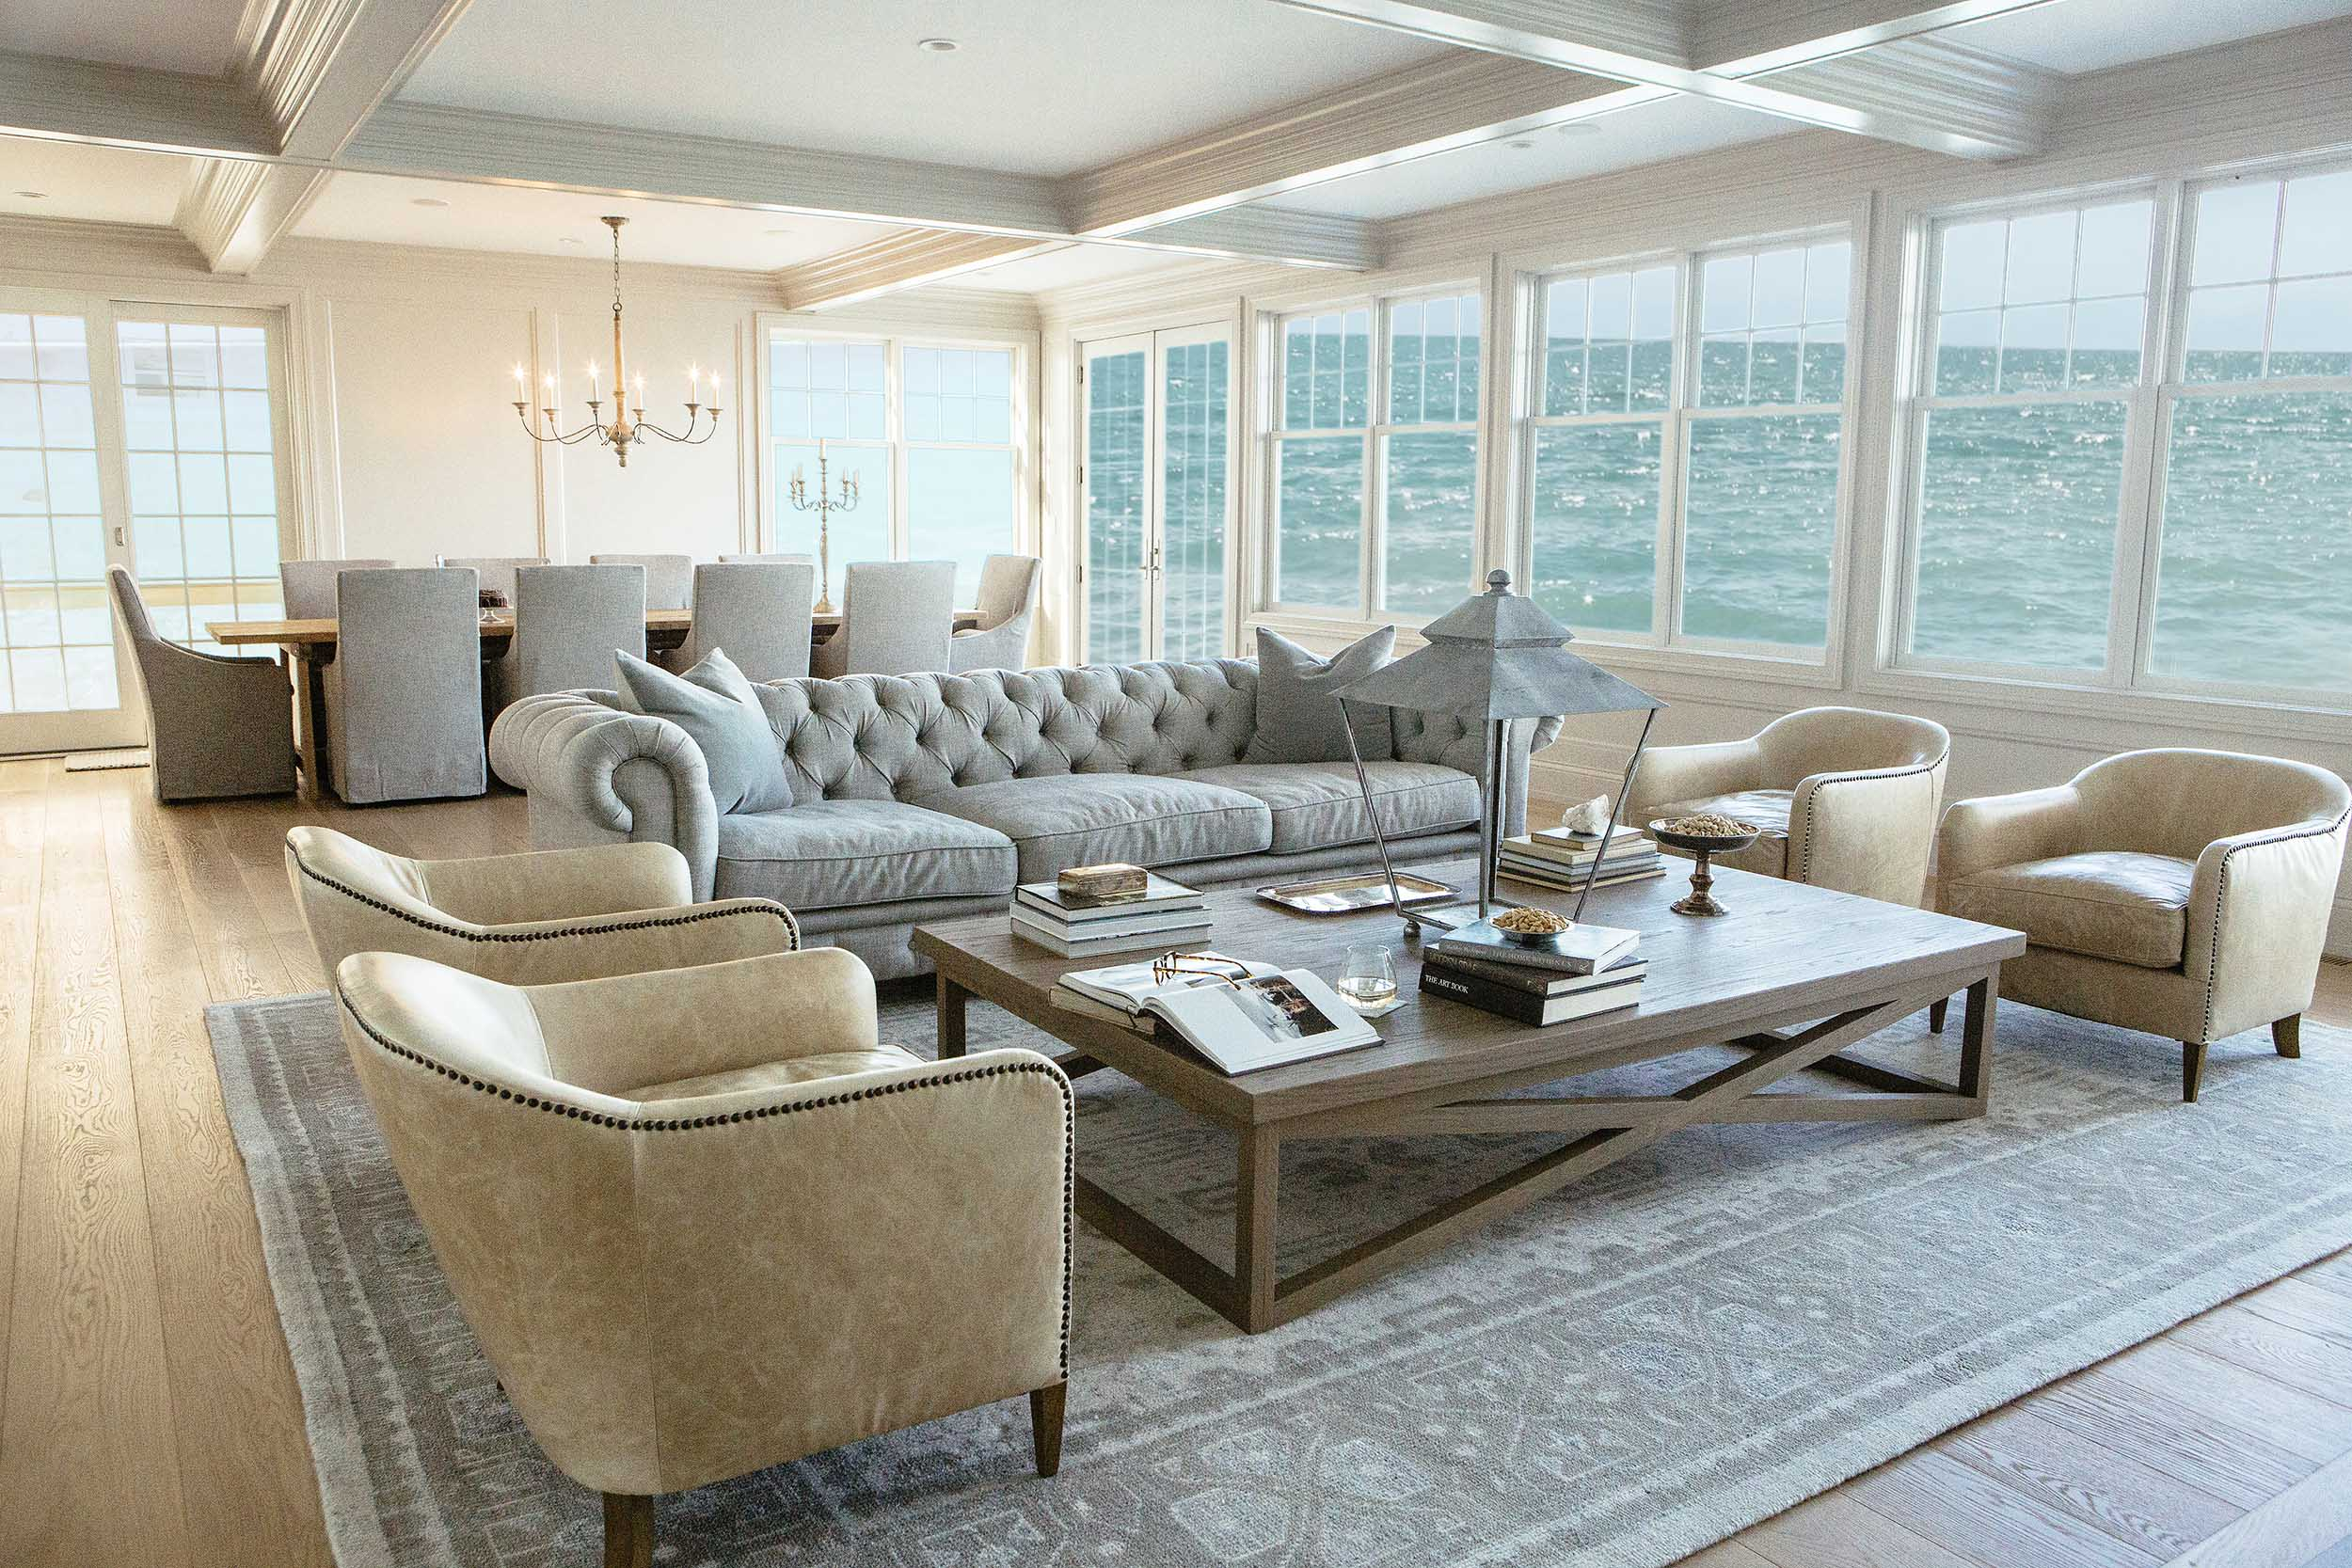 8Leo_Designs_Chicago_interior_design_grand_haven_beach_refuge.jpg